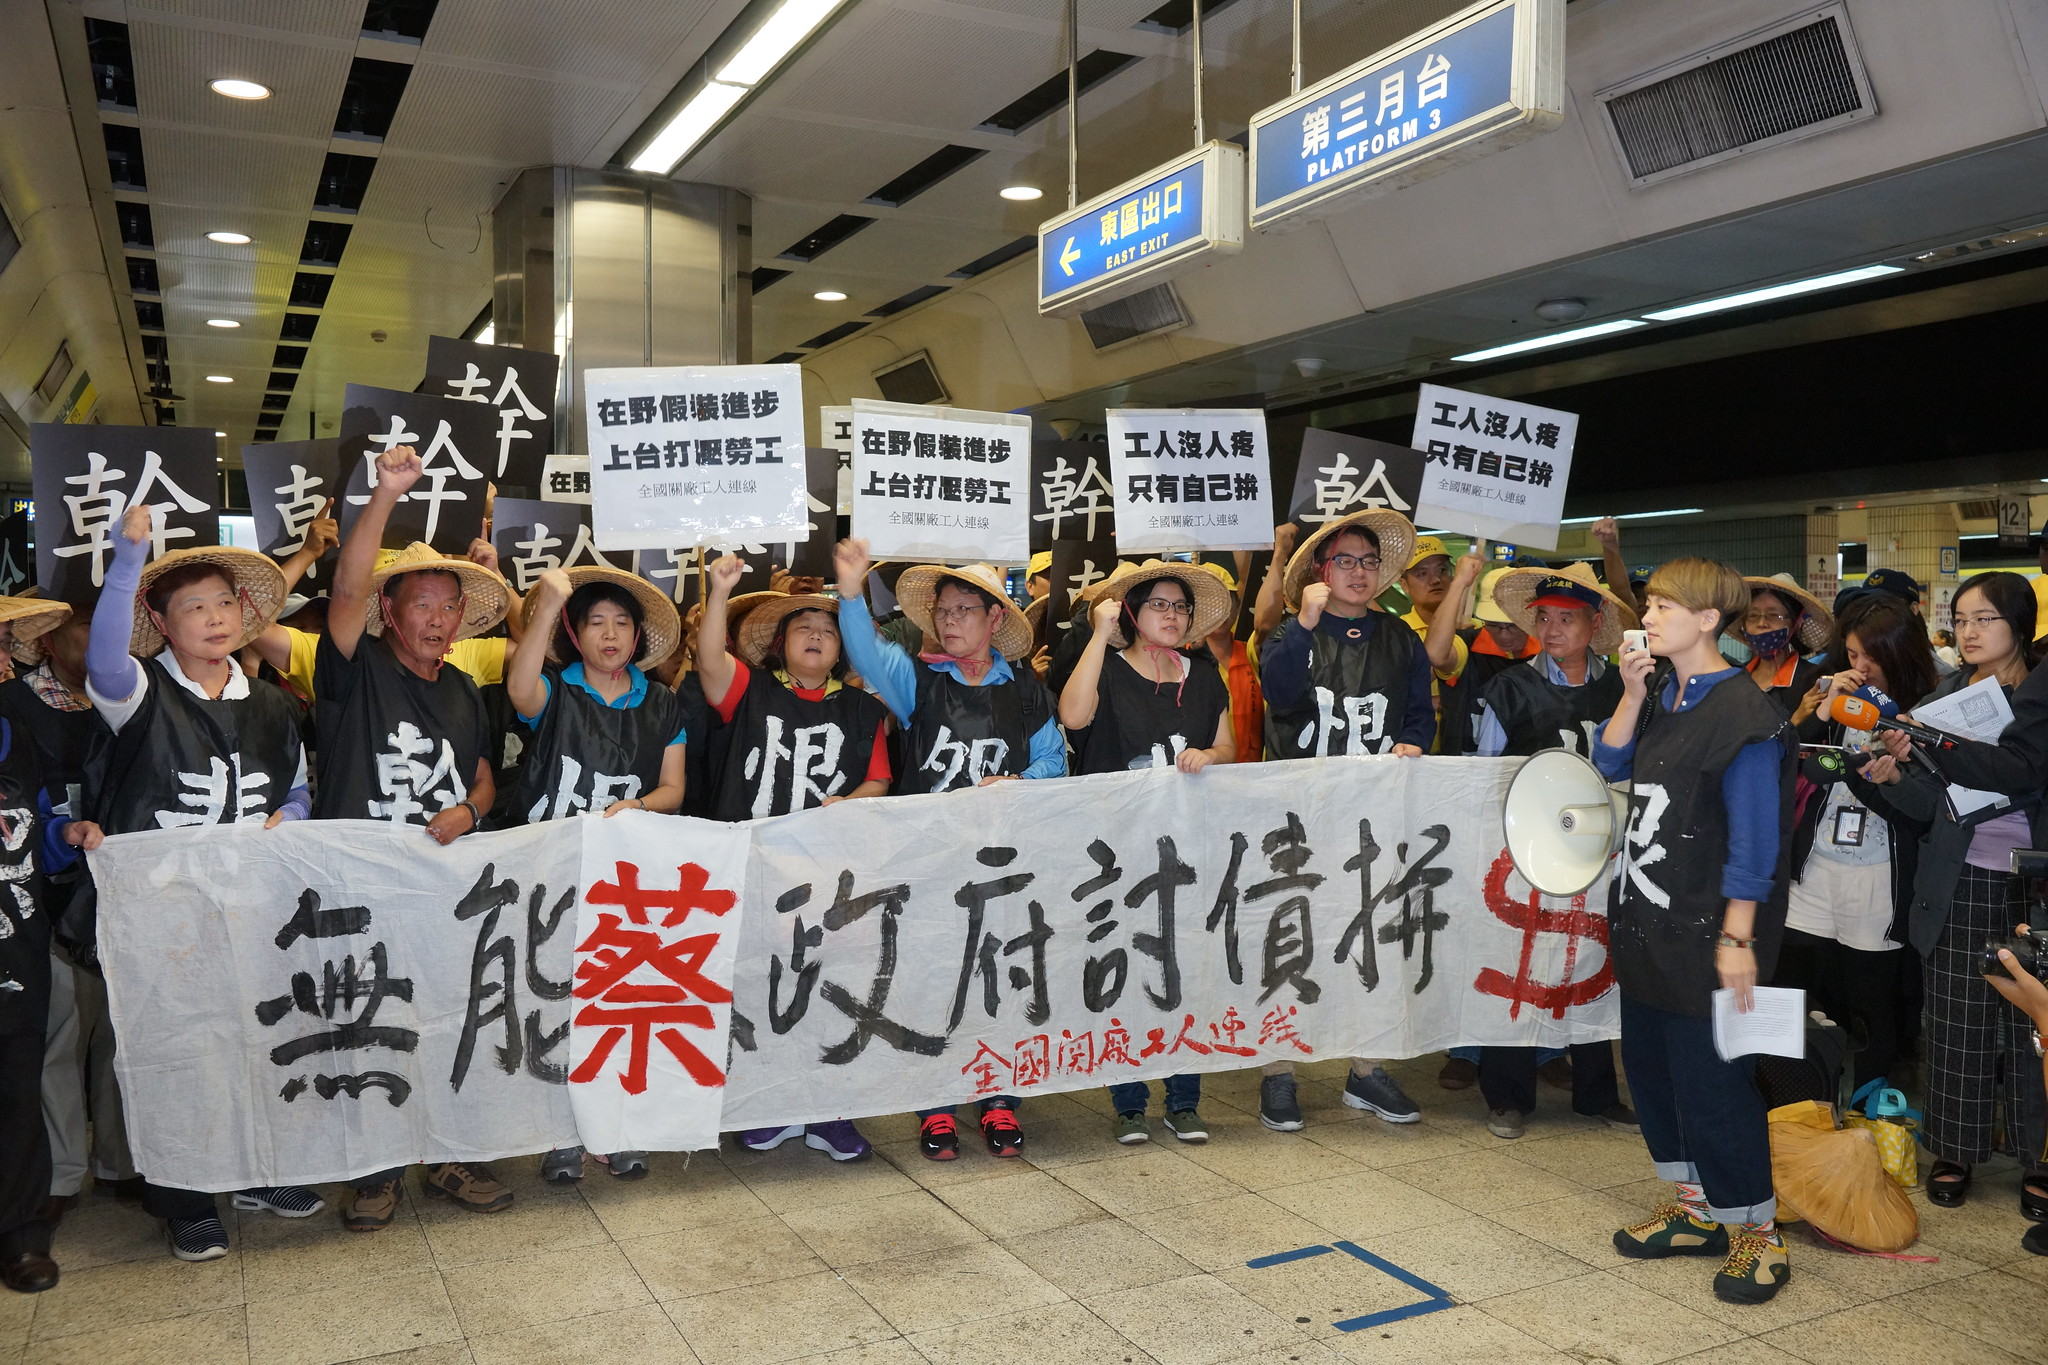 全關連重返台北車站月台。(攝影:王顥中)